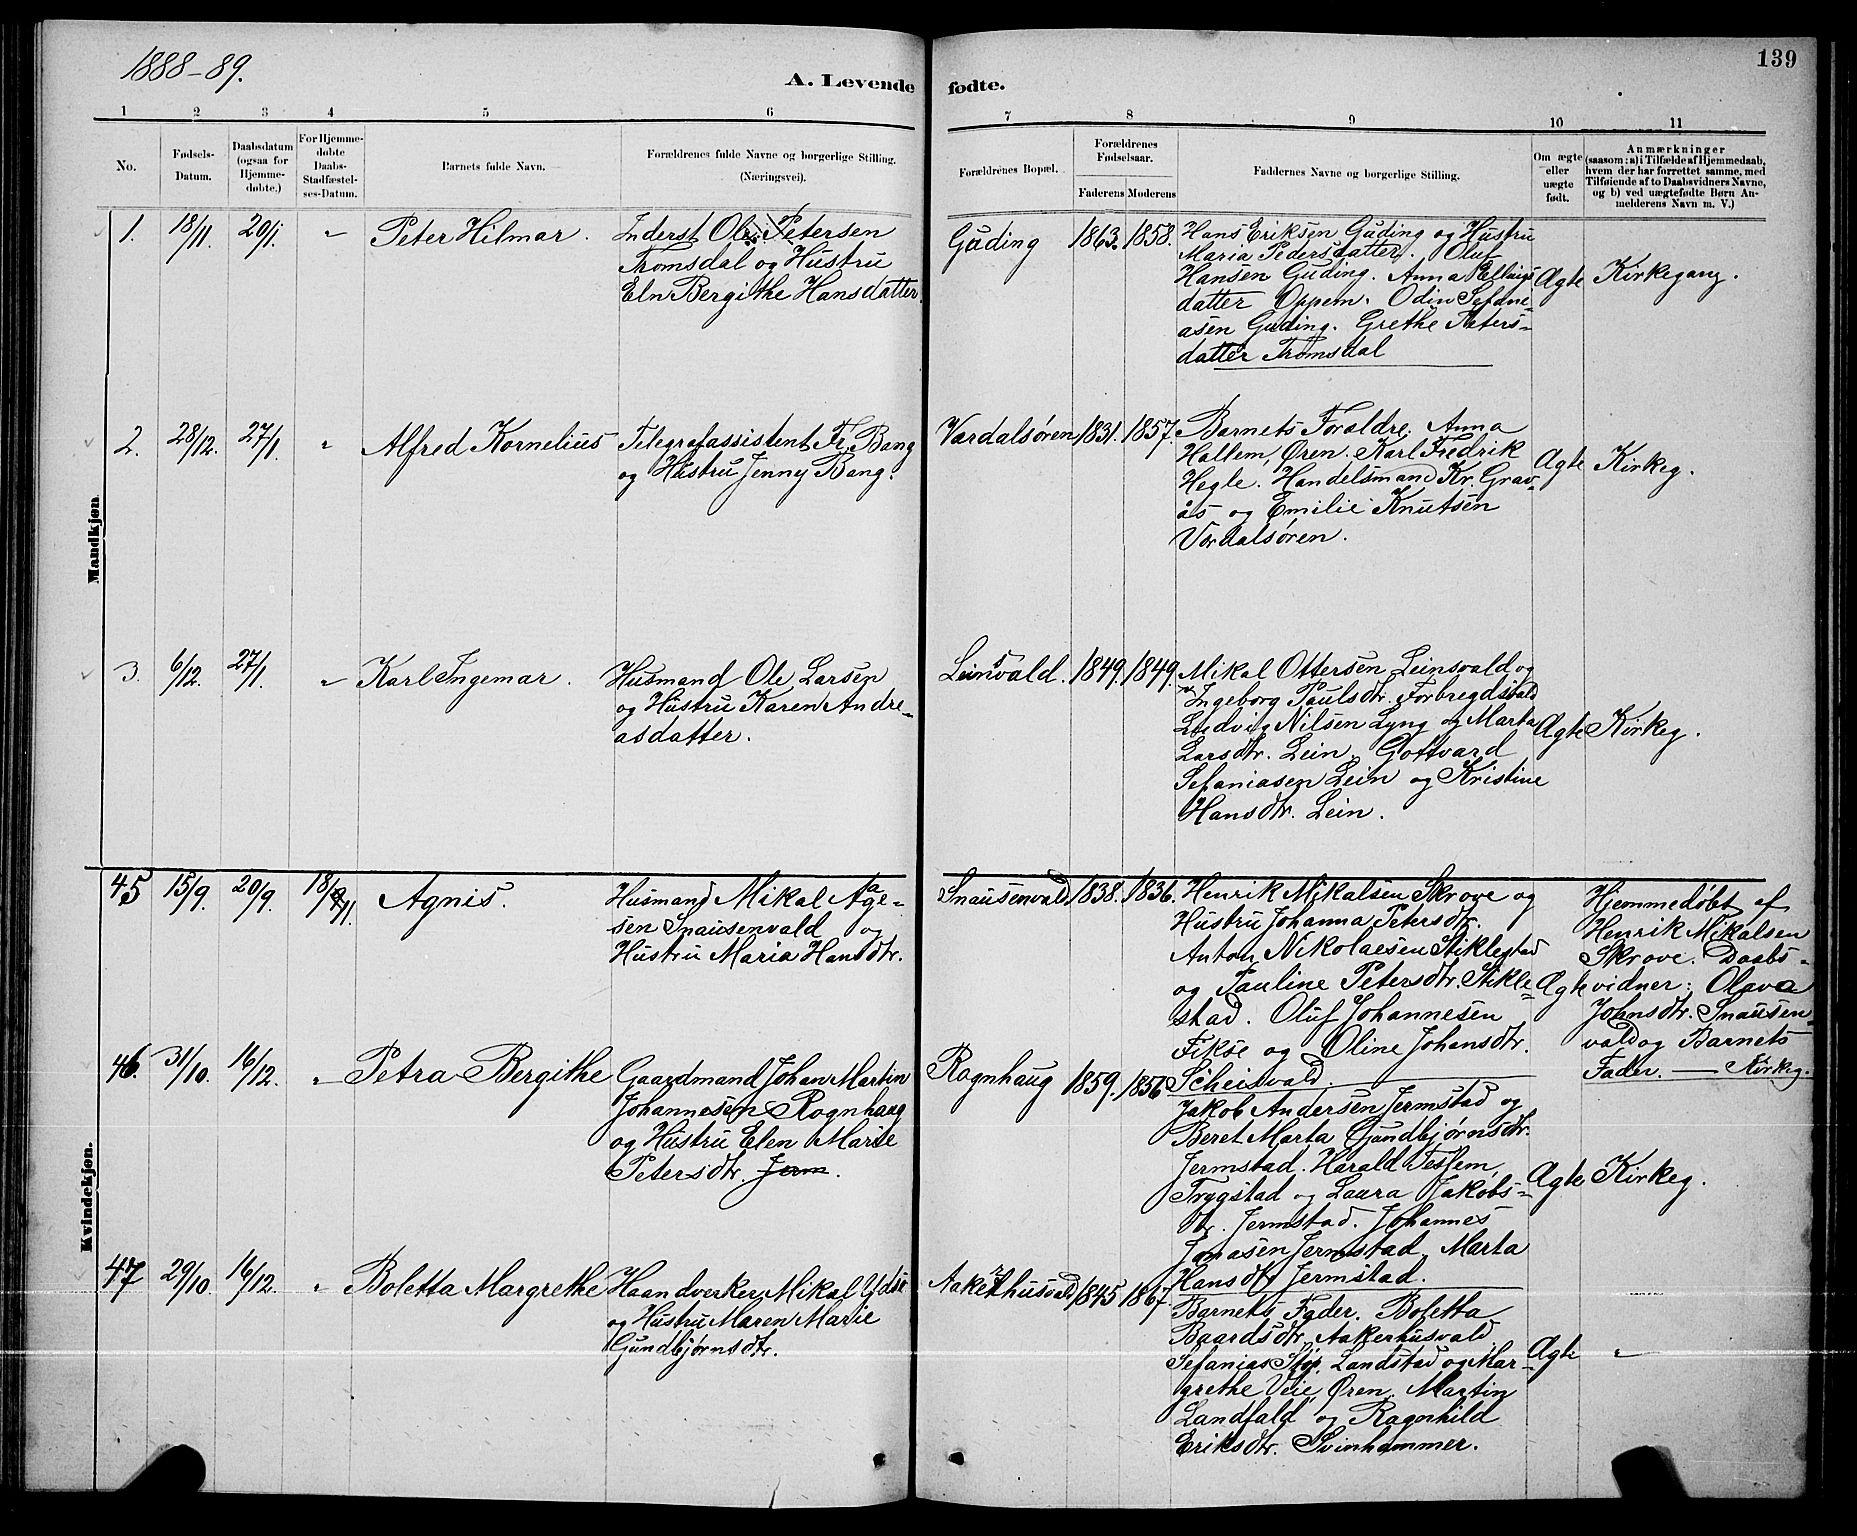 SAT, Ministerialprotokoller, klokkerbøker og fødselsregistre - Nord-Trøndelag, 723/L0256: Klokkerbok nr. 723C04, 1879-1890, s. 139